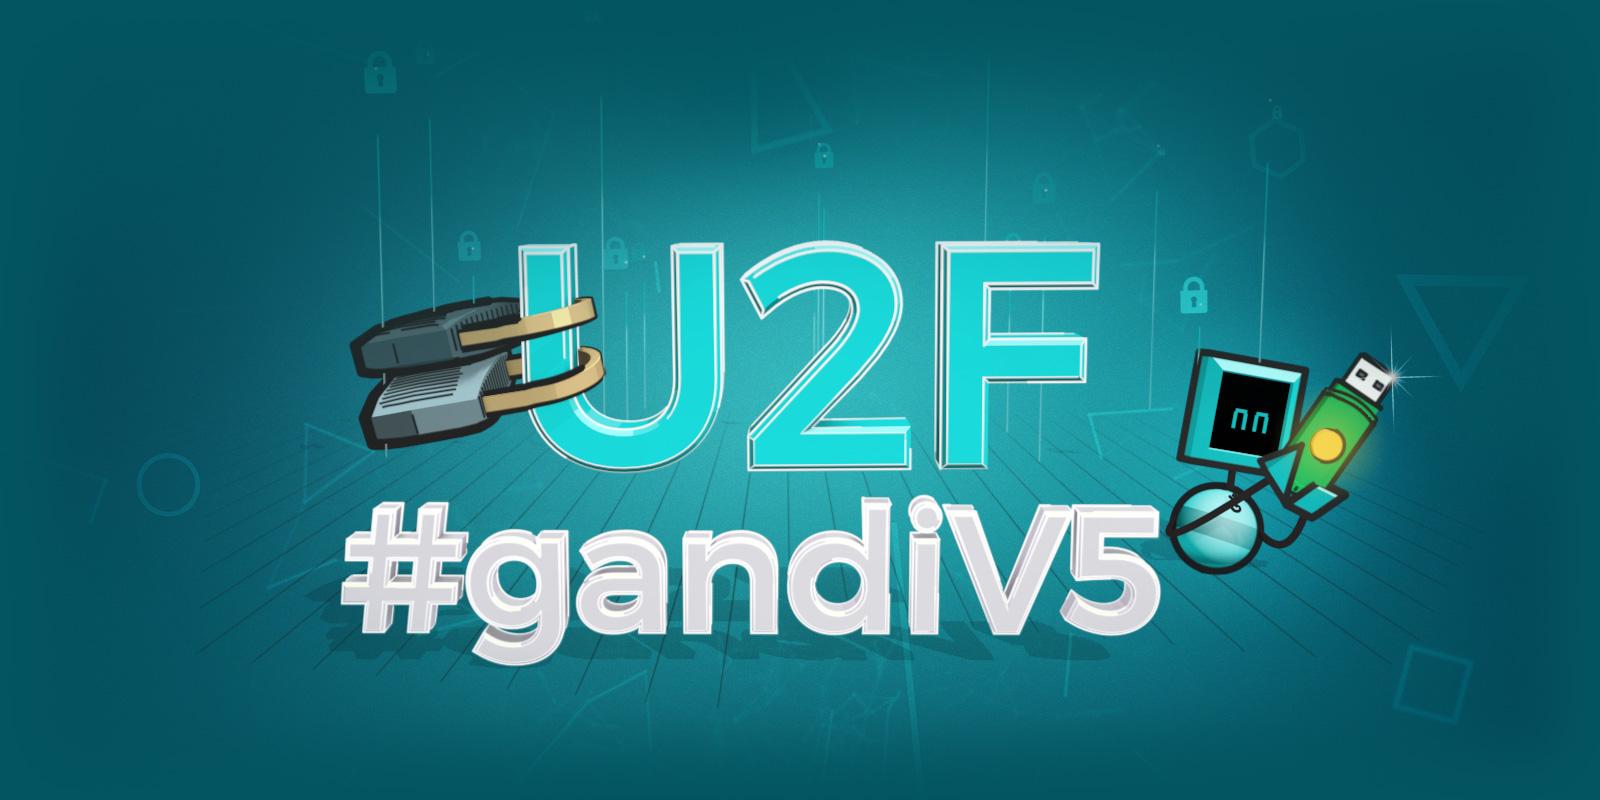 U2F ahora disponible en #gandiV5